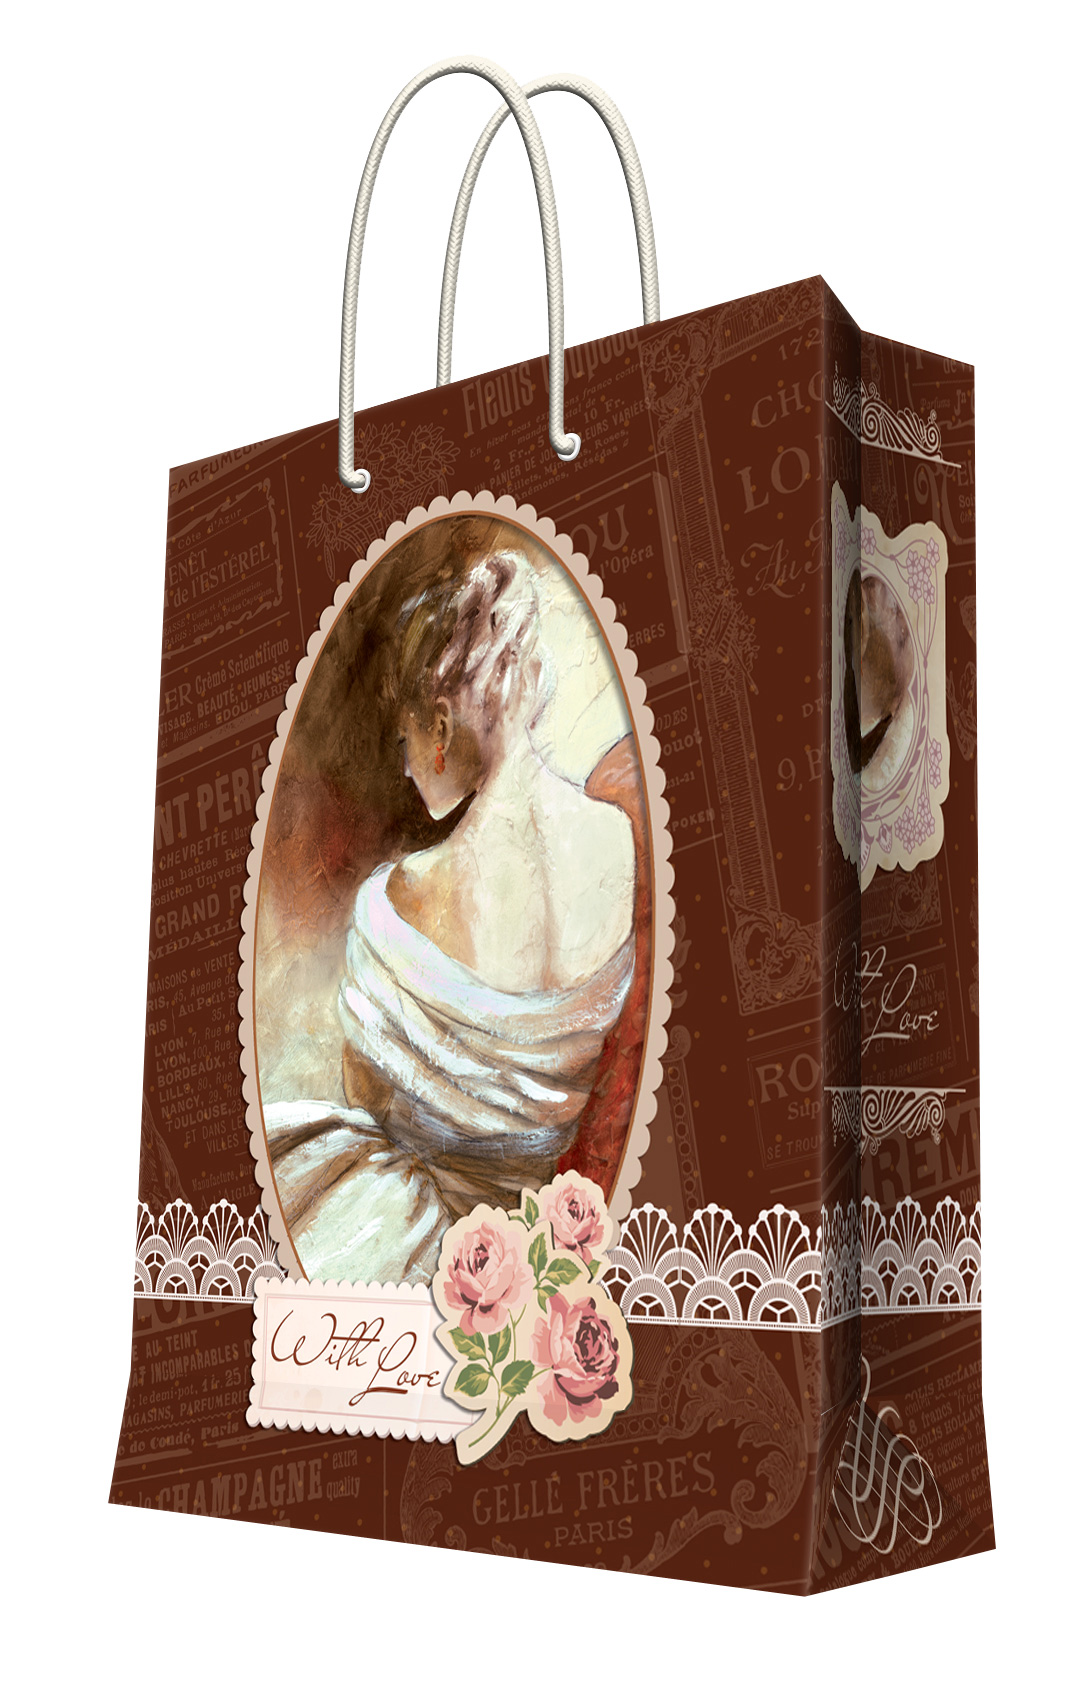 Пакет подарочный Феникс-Презент После бала, 26 х 12,7 х 32,4 смK100Подарочный пакет Феникс-Презент После бала, изготовленный из плотной бумаги, станет незаменимым дополнением к выбранному подарку. Дно изделия укреплено картоном, который позволяет сохранить форму пакета и исключает возможность деформации дна под тяжестью подарка. Пакет выполнен с глянцевой ламинацией, что придает ему прочность, а изображению - яркость и насыщенность цветов. Для удобной переноски на пакете имеются две ручки из шнурков.Подарок, преподнесенный в оригинальной упаковке, всегда будет самым эффектным и запоминающимся. Окружите близких людей вниманием и заботой, вручив презент в нарядном, праздничном оформлении.Плотность бумаги: 128 г/м2.